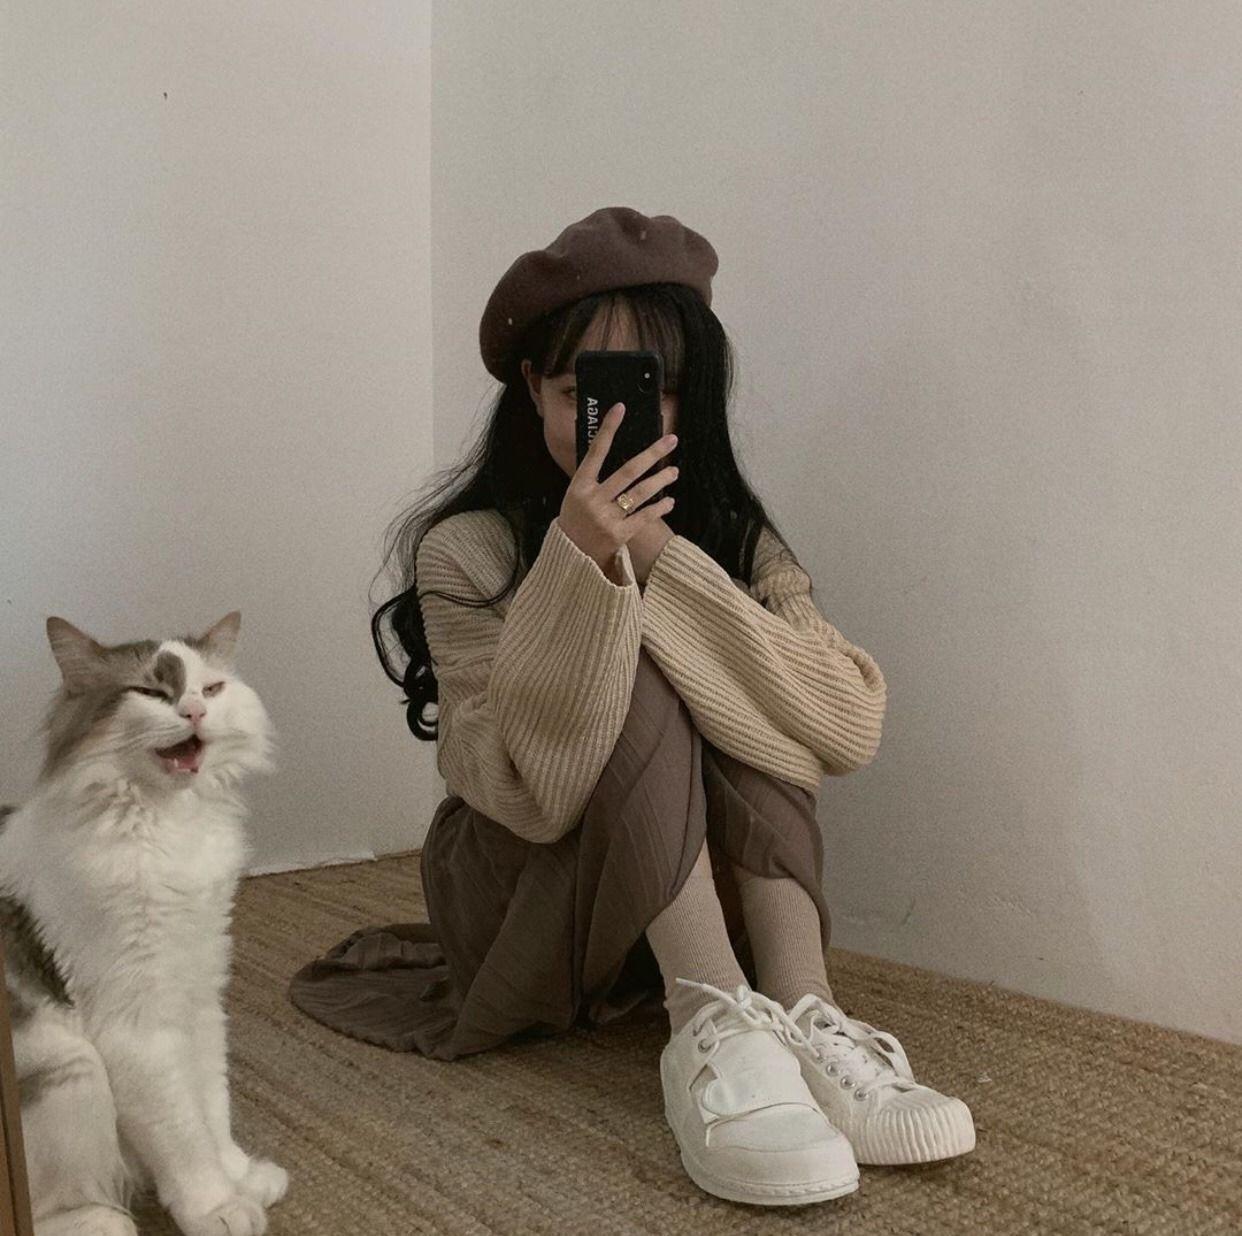 ツインチョコレート in 2020 Korean aesthetic, Korean girl fashion